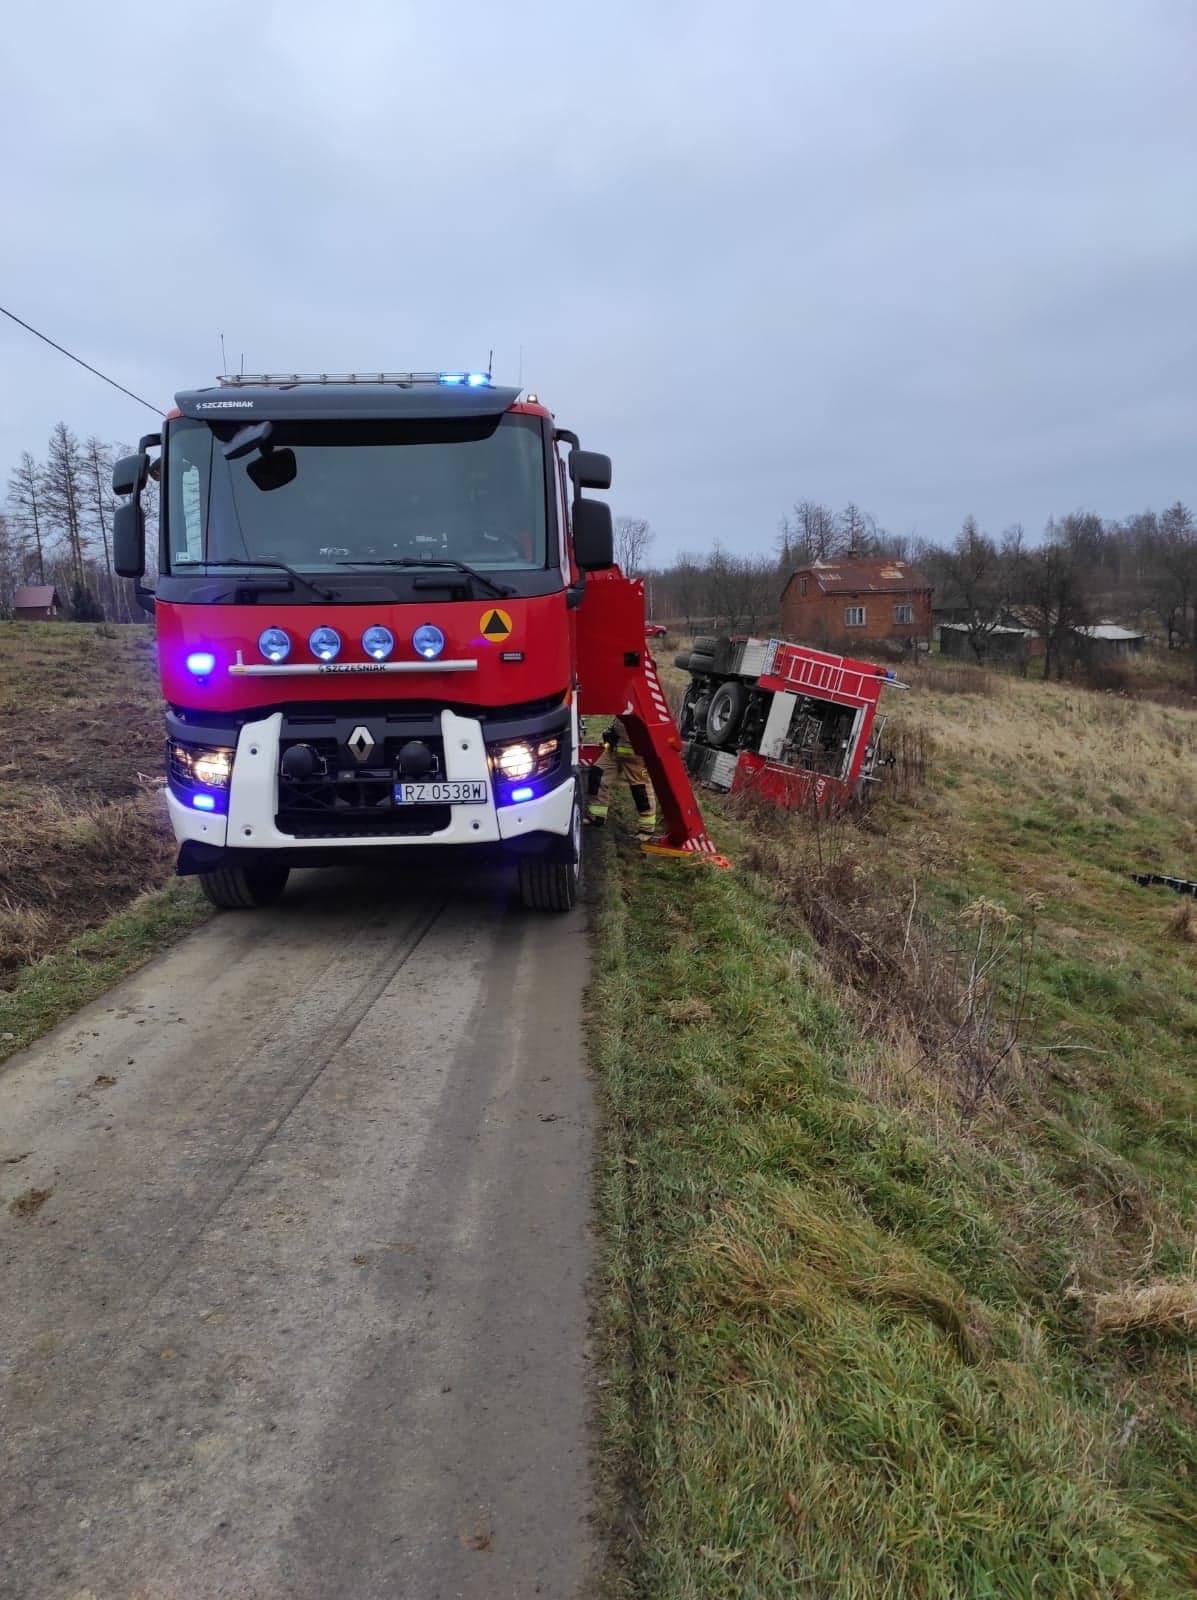 W trakcie jazdy na akcję zniszczono wóz strażacki! [FOTO] - Zdjęcie główne